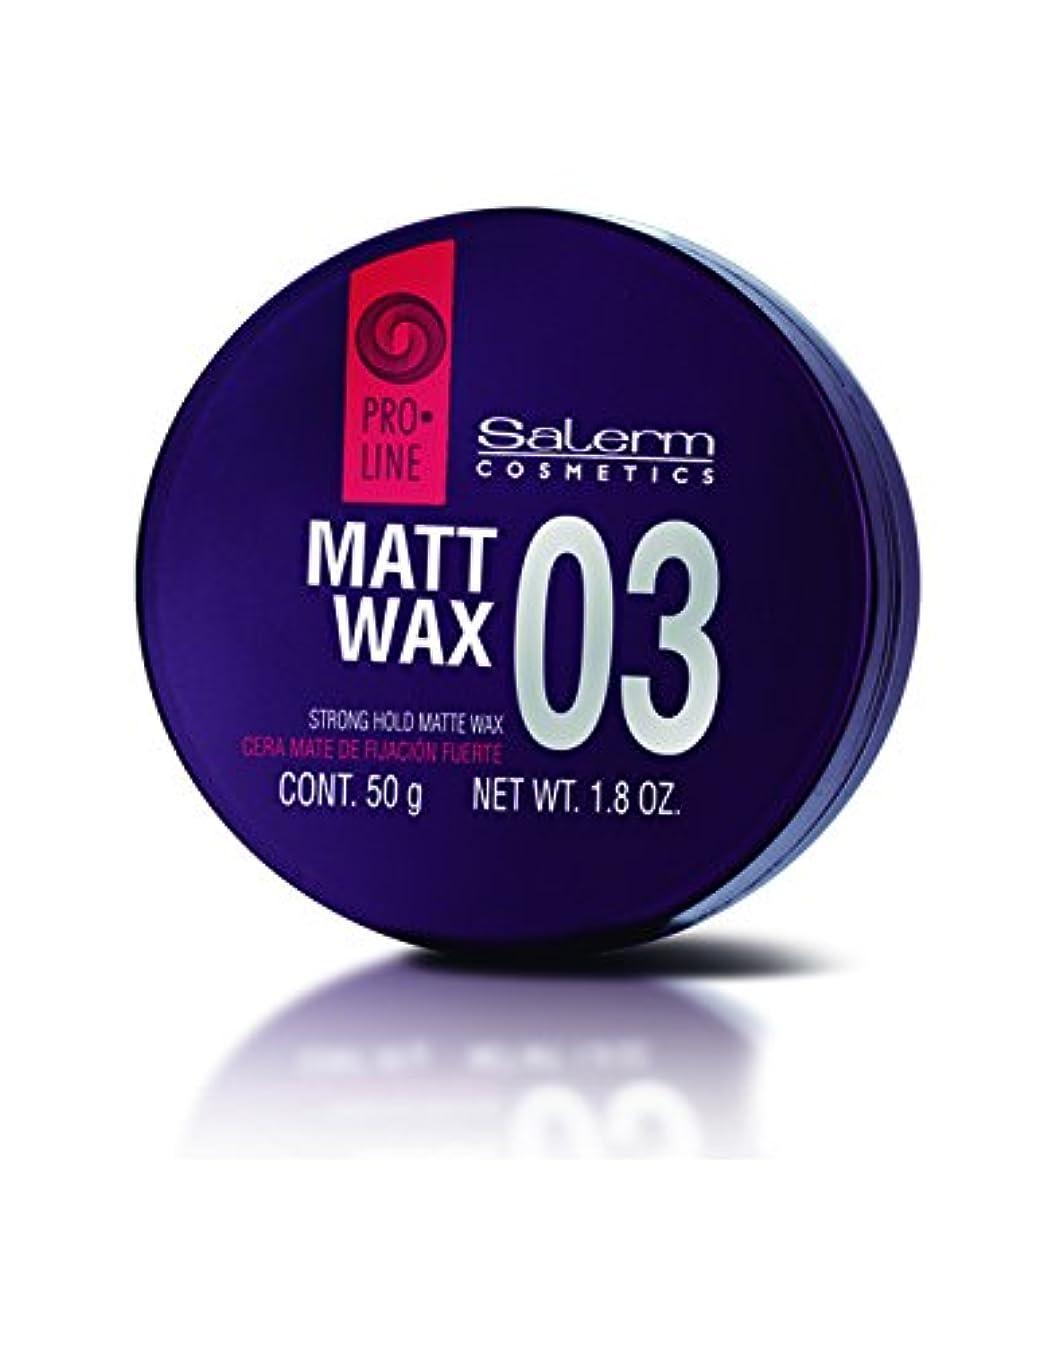 実際測るスプーンSalerm 化粧品03マットワックスストロングホールド-size 1.8オンス